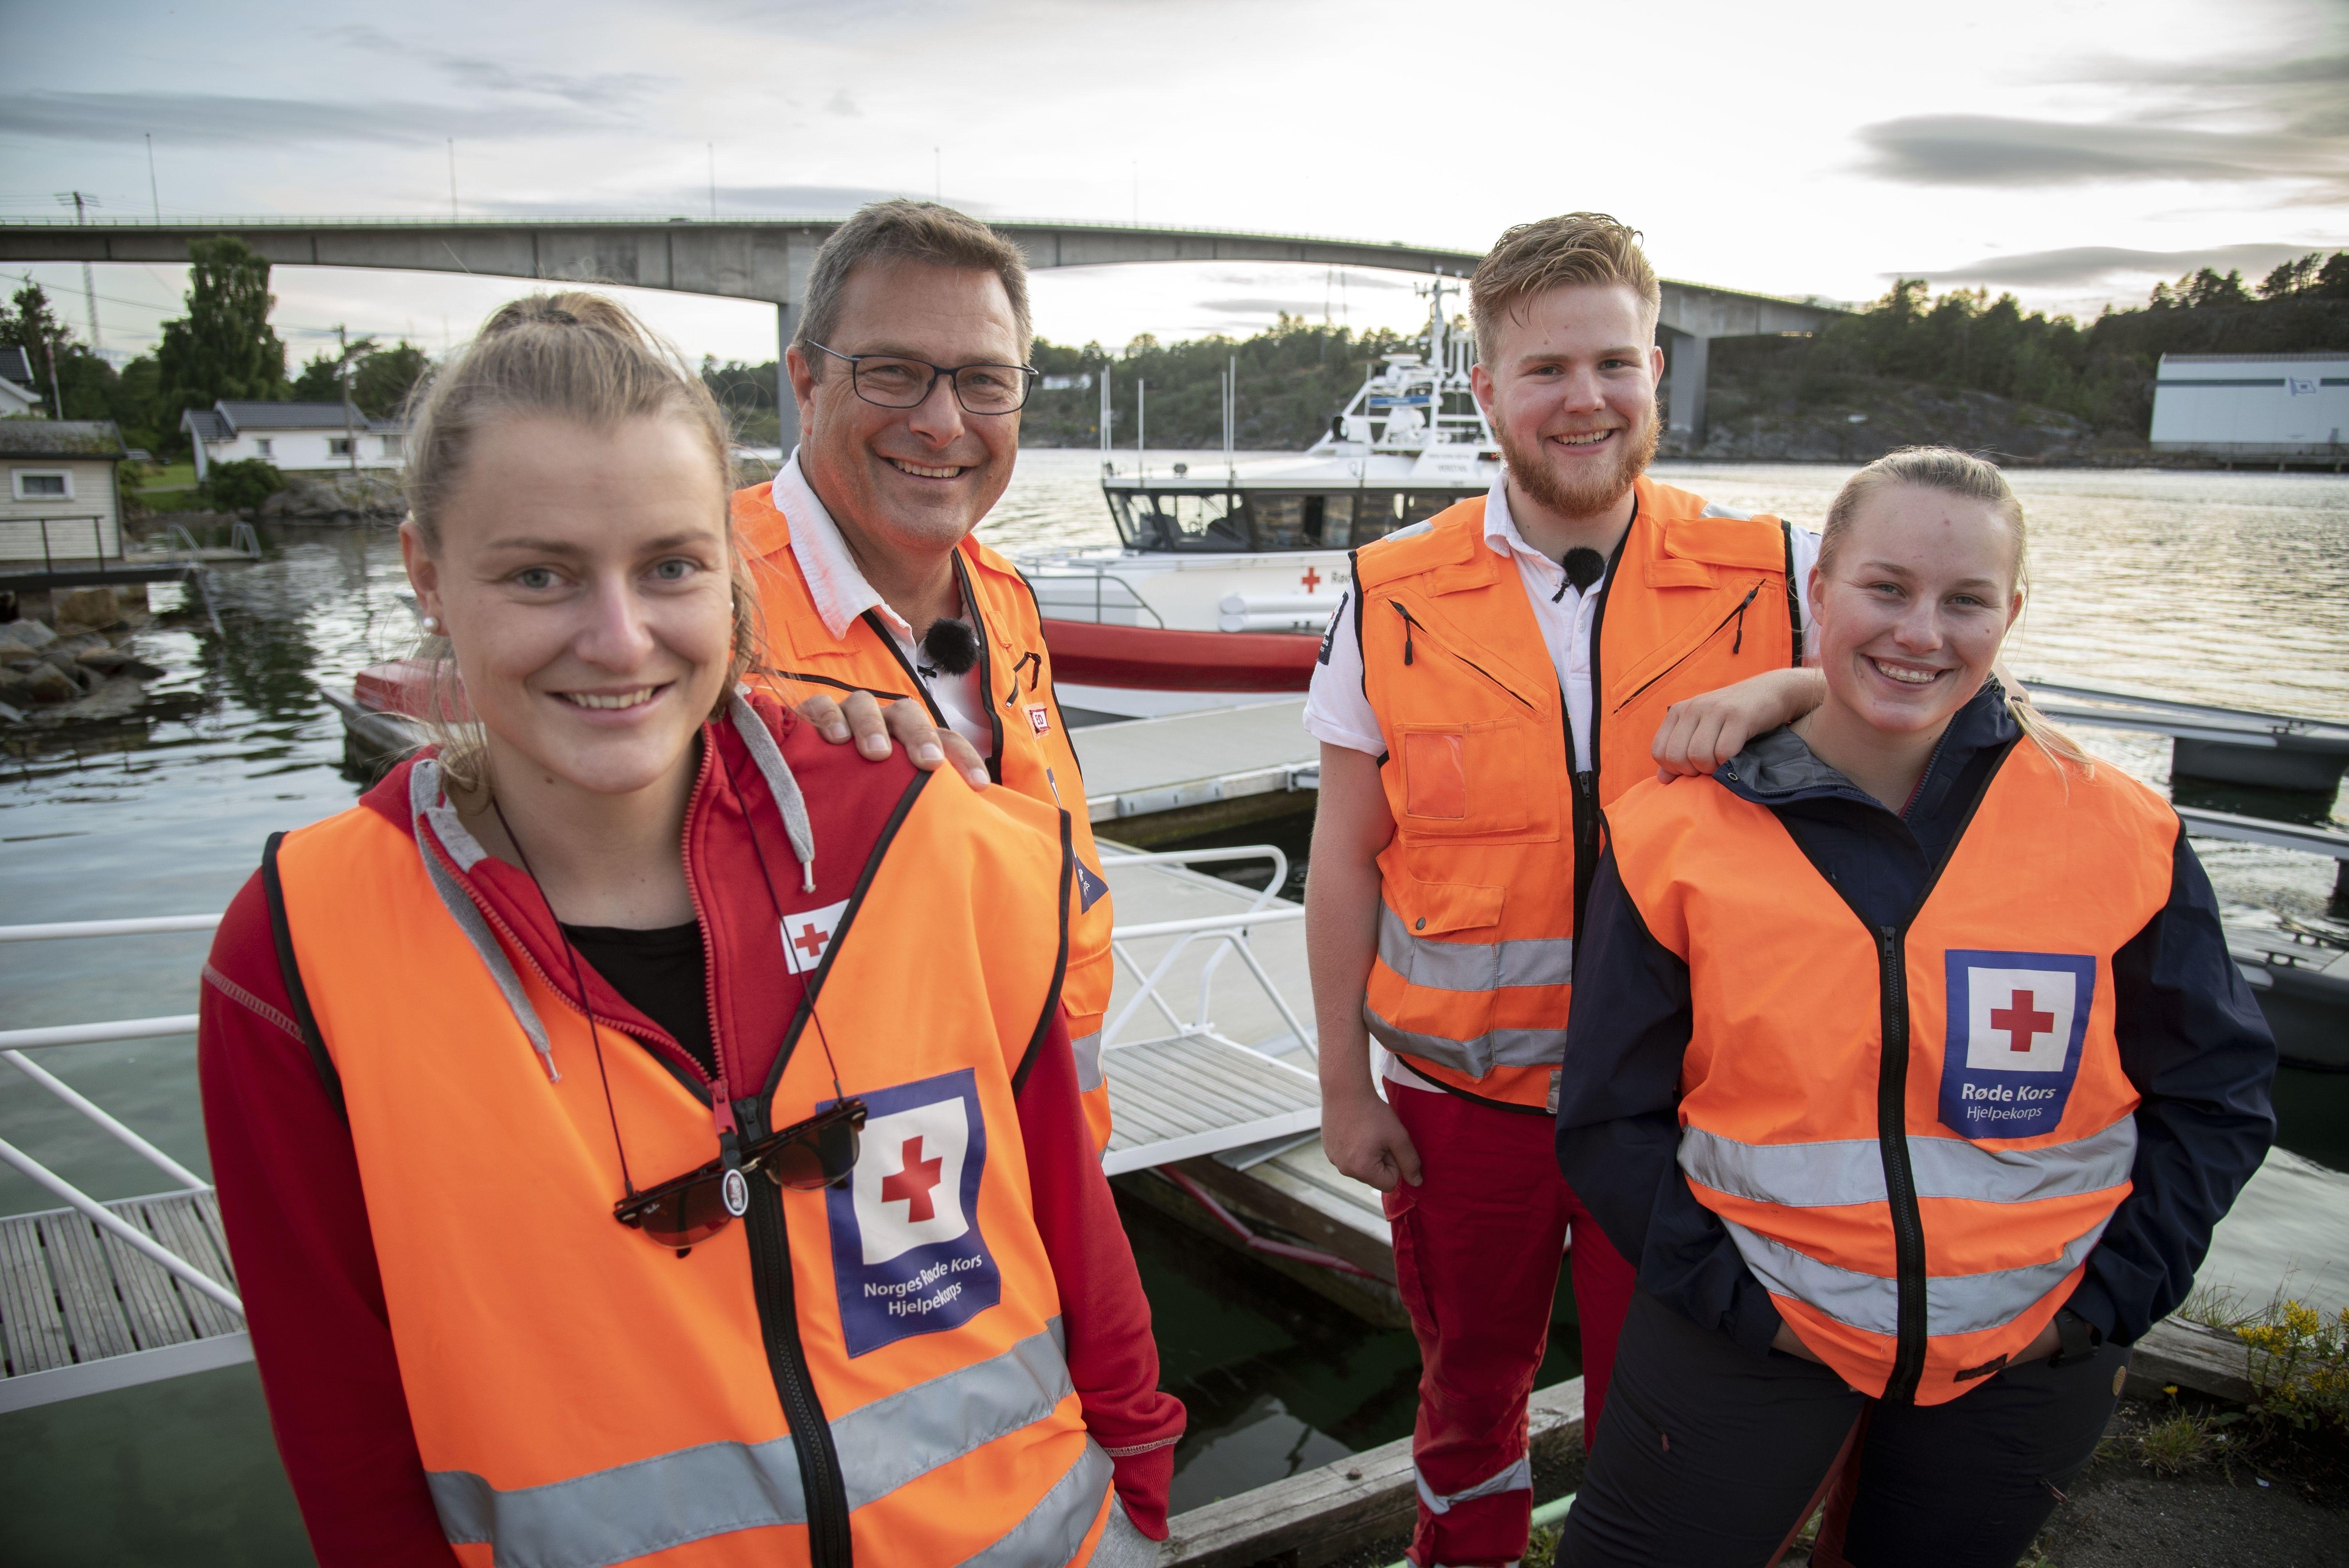 GODT SAMHOLD: Hos Tjøme og Hvasser Røde Kors er det fire vaktlag som bytter på. Her er Oda (til venstre), Egill, Iver og Thea klare for en helgevakt i august.